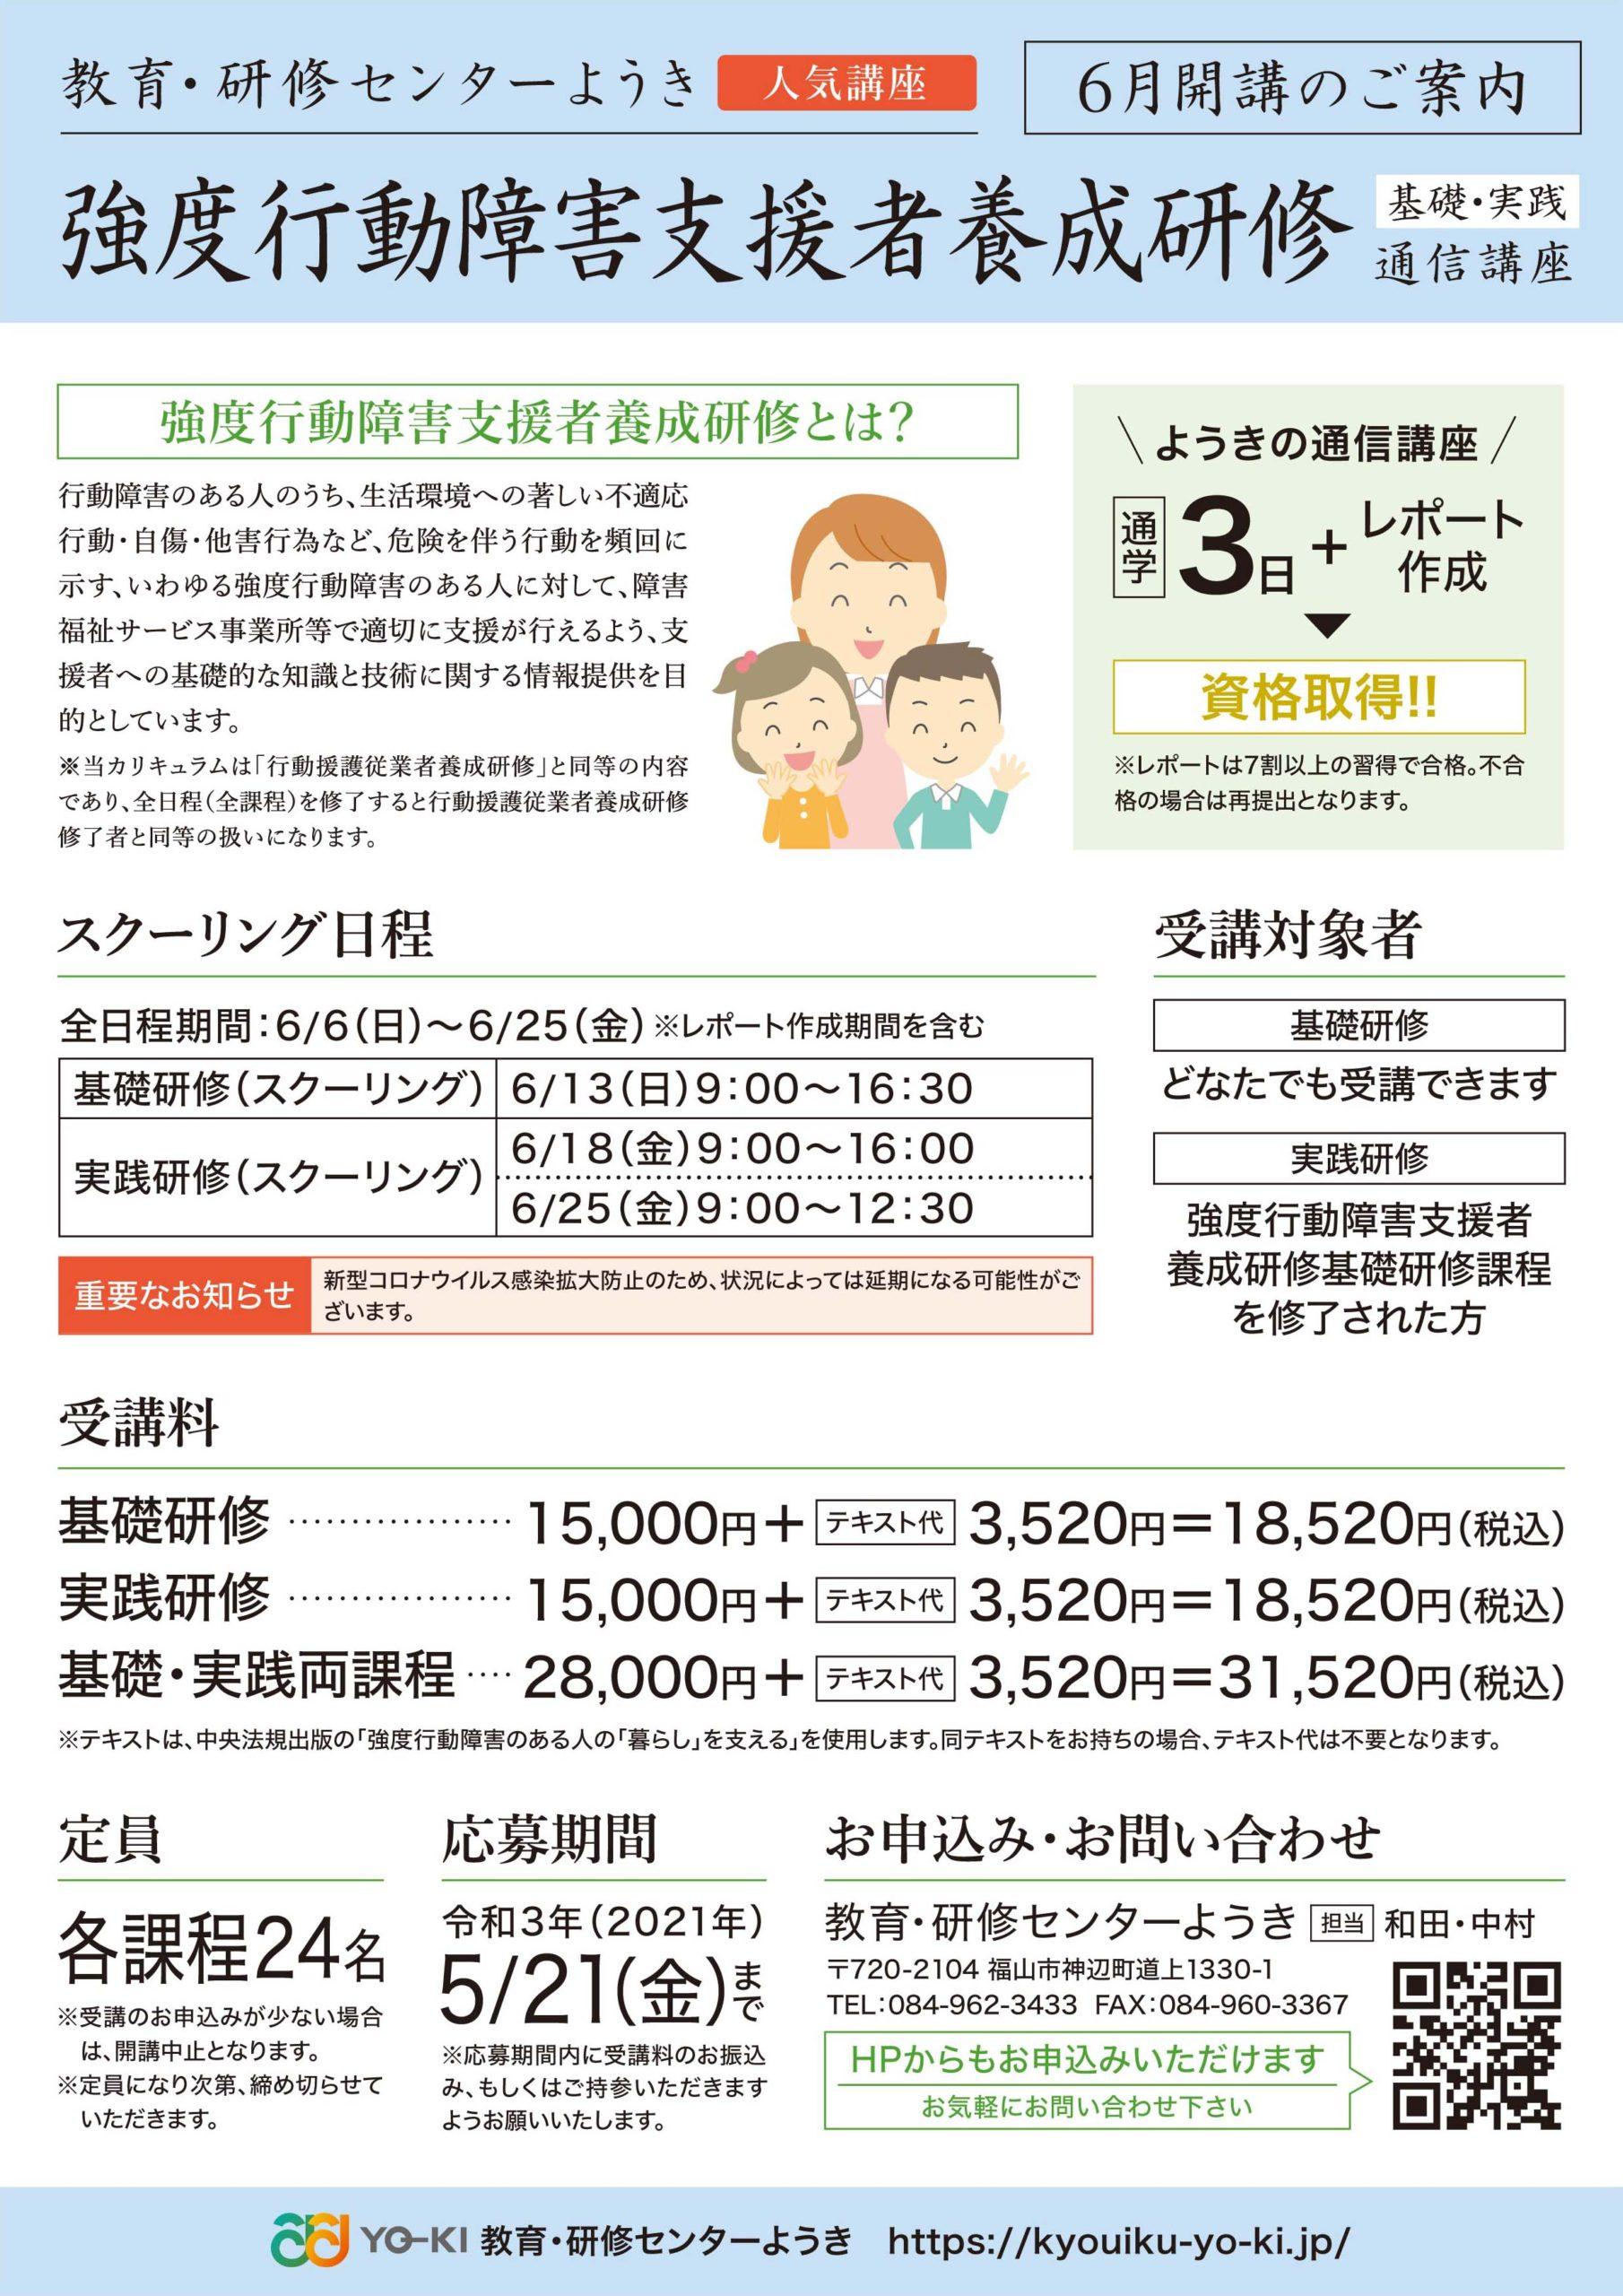 強度行動障害支援者養成研修チラシ(2021-06)通信・通学-オモテ